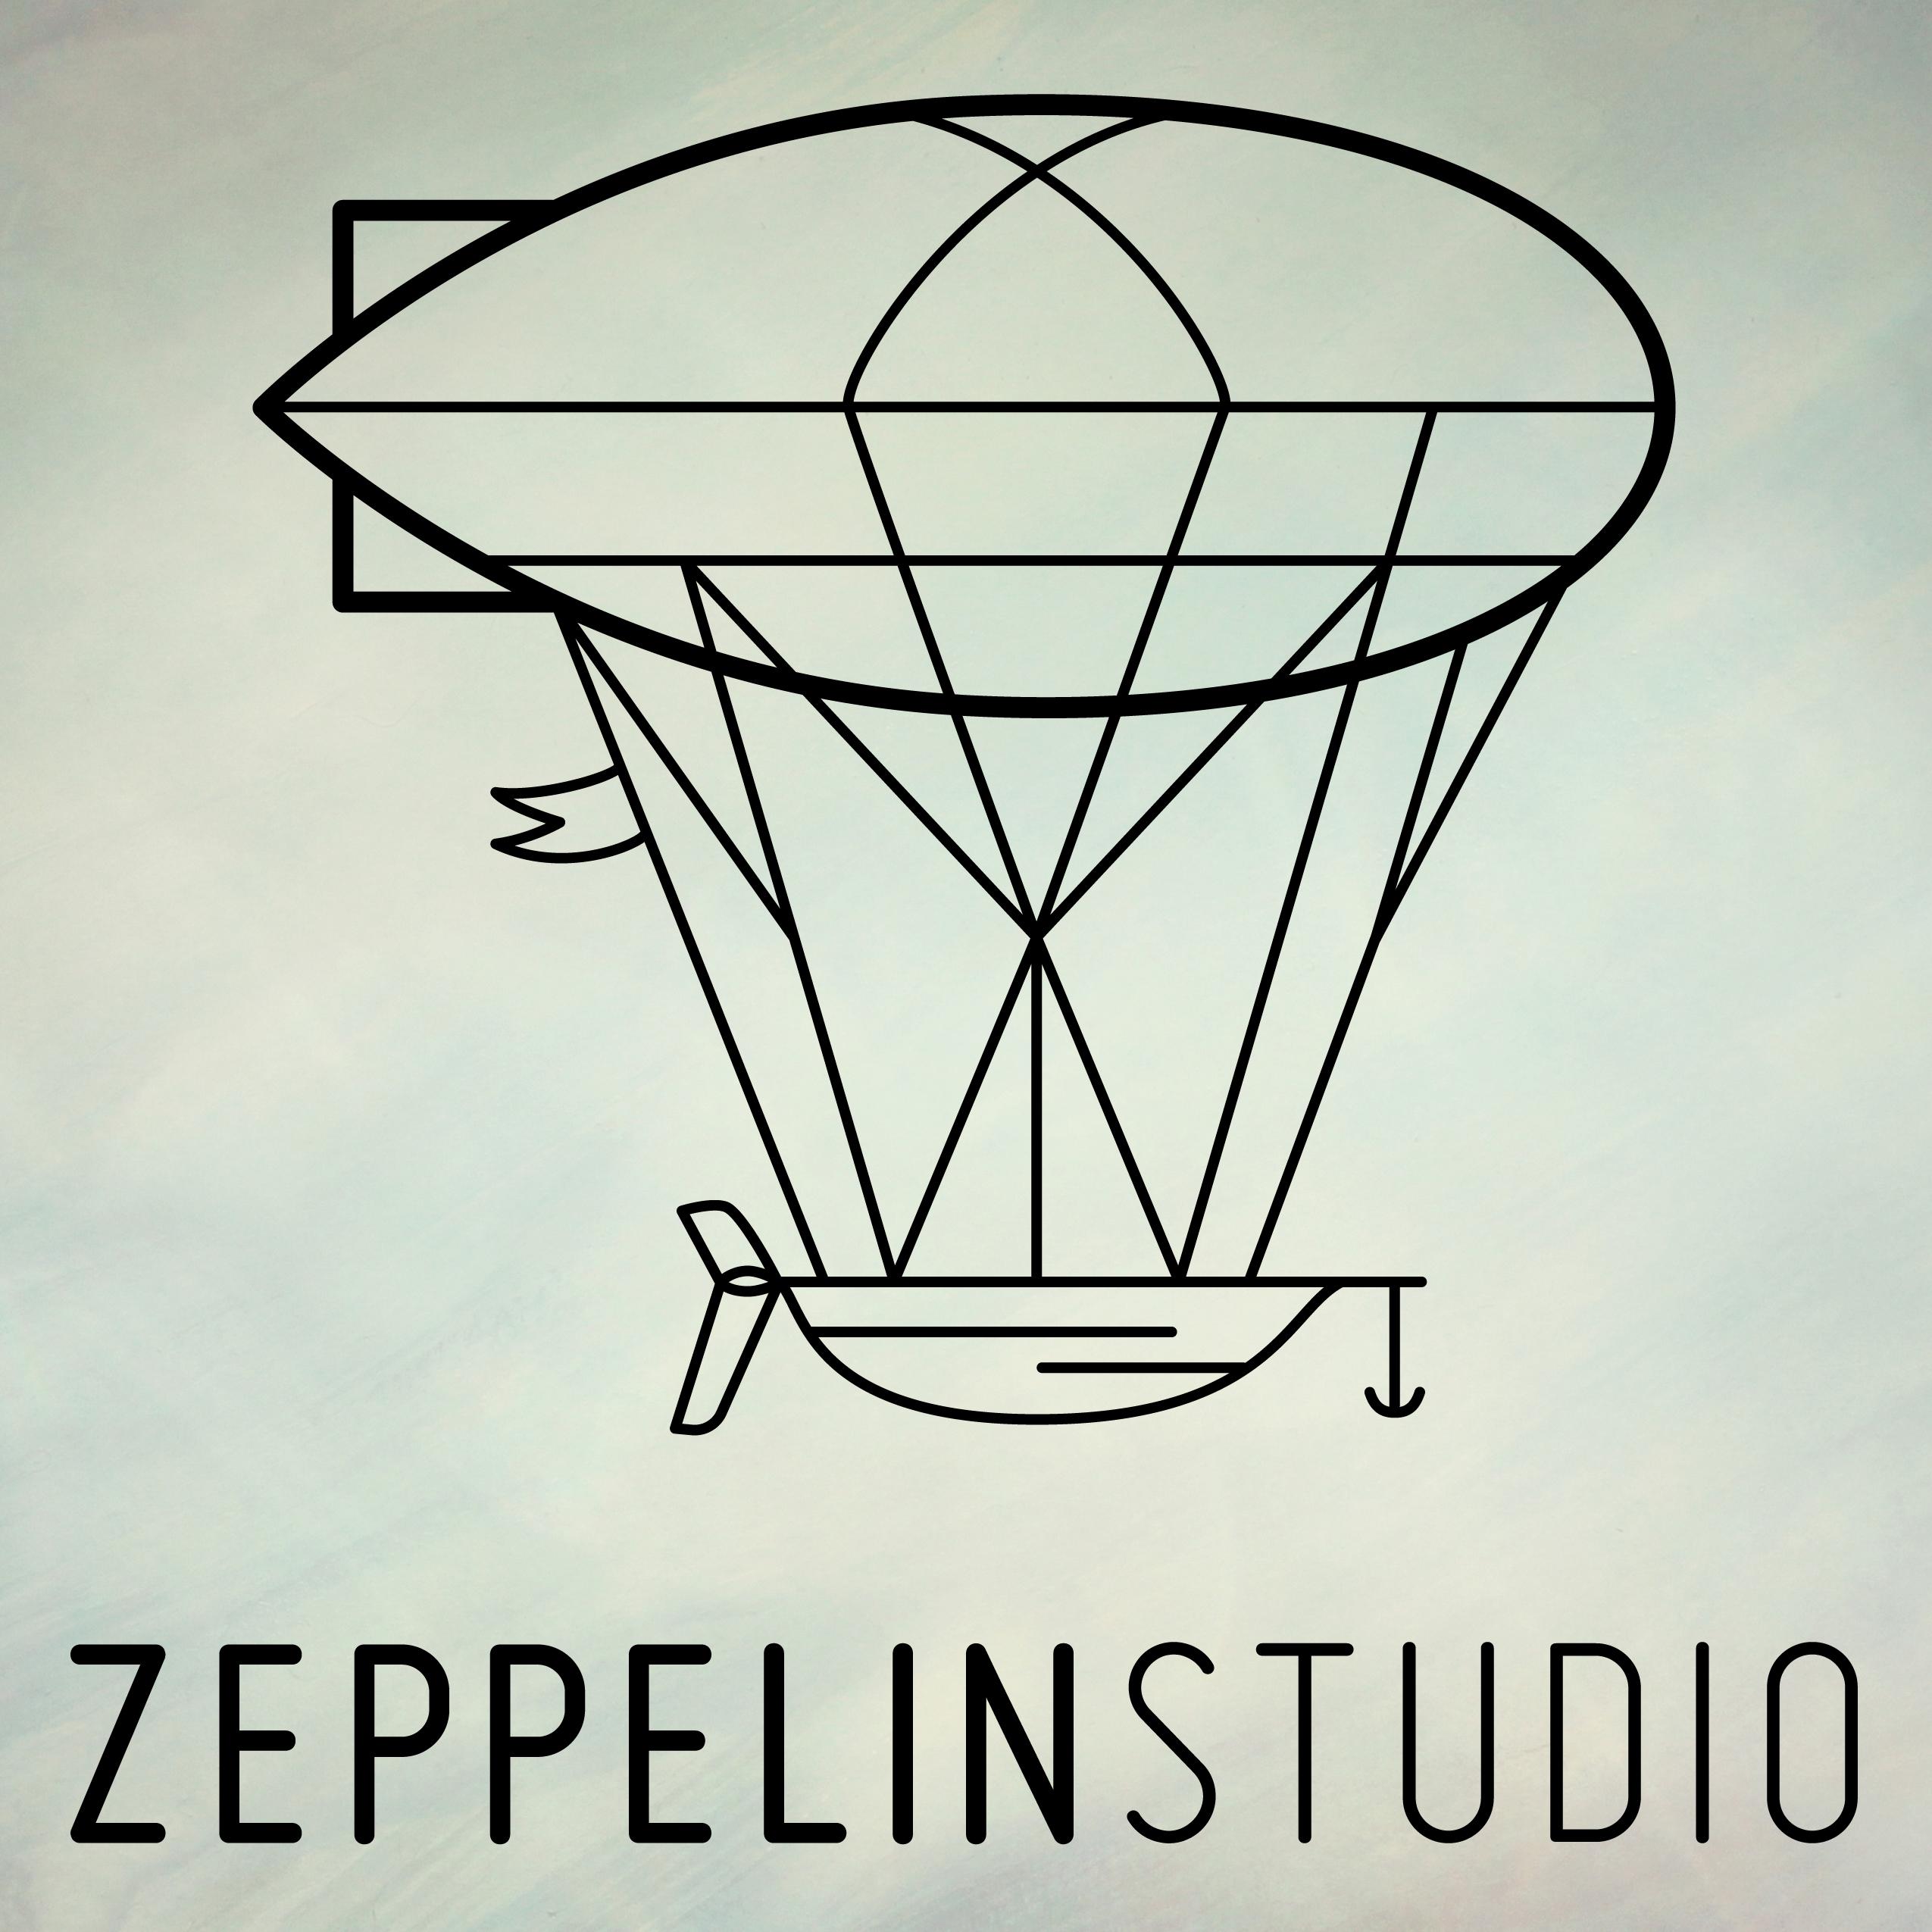 Zeppelin Studio